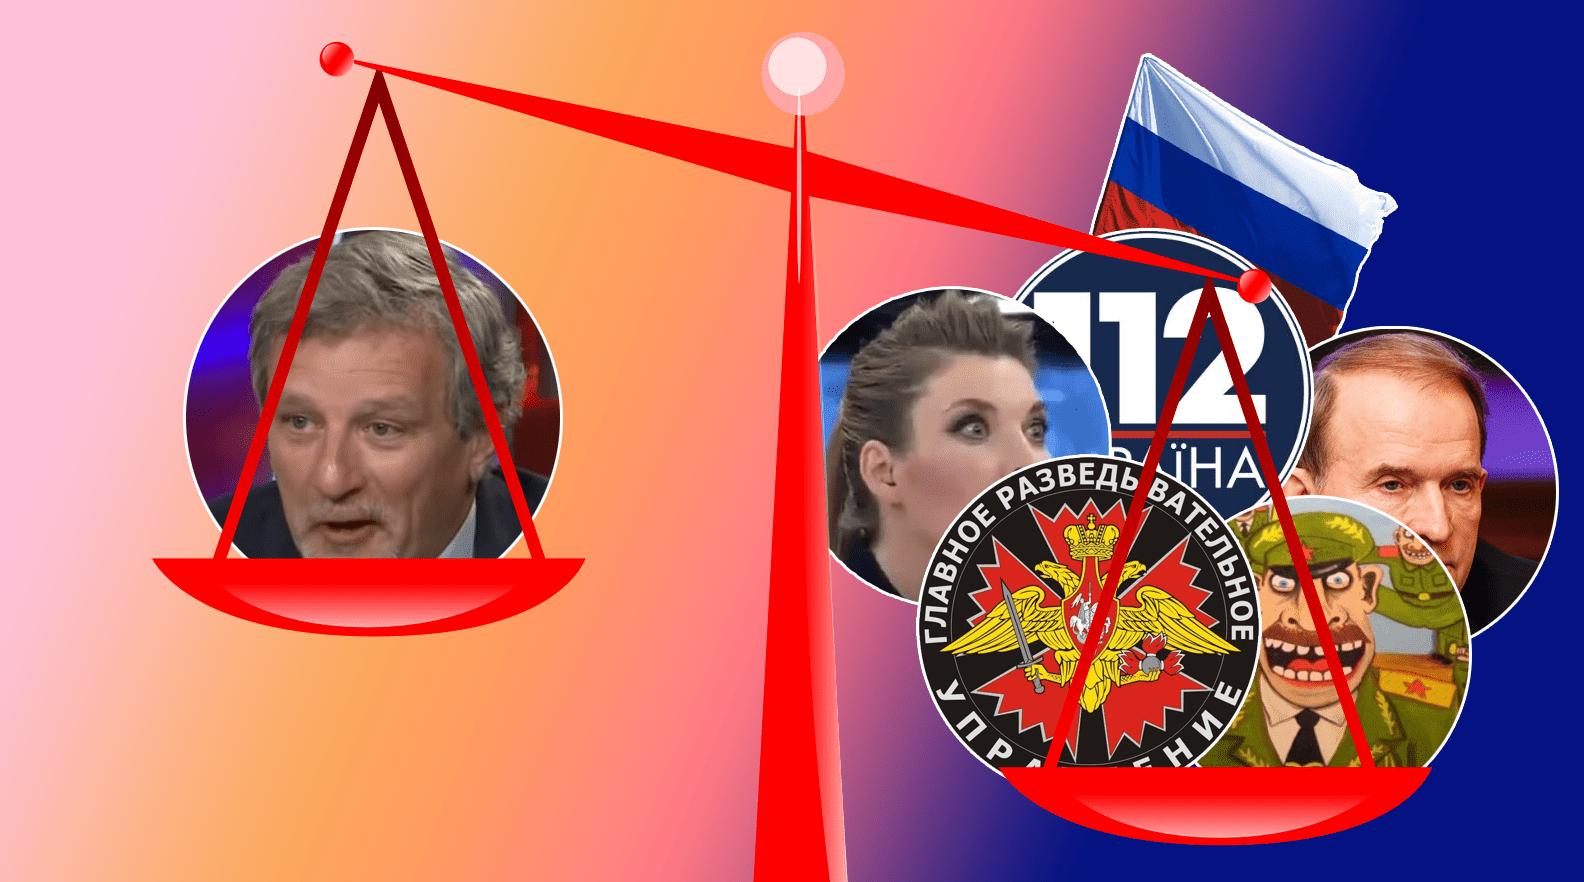 Блогер розказав чому не можна голосувати за Пальчевського (ВІДЕО)